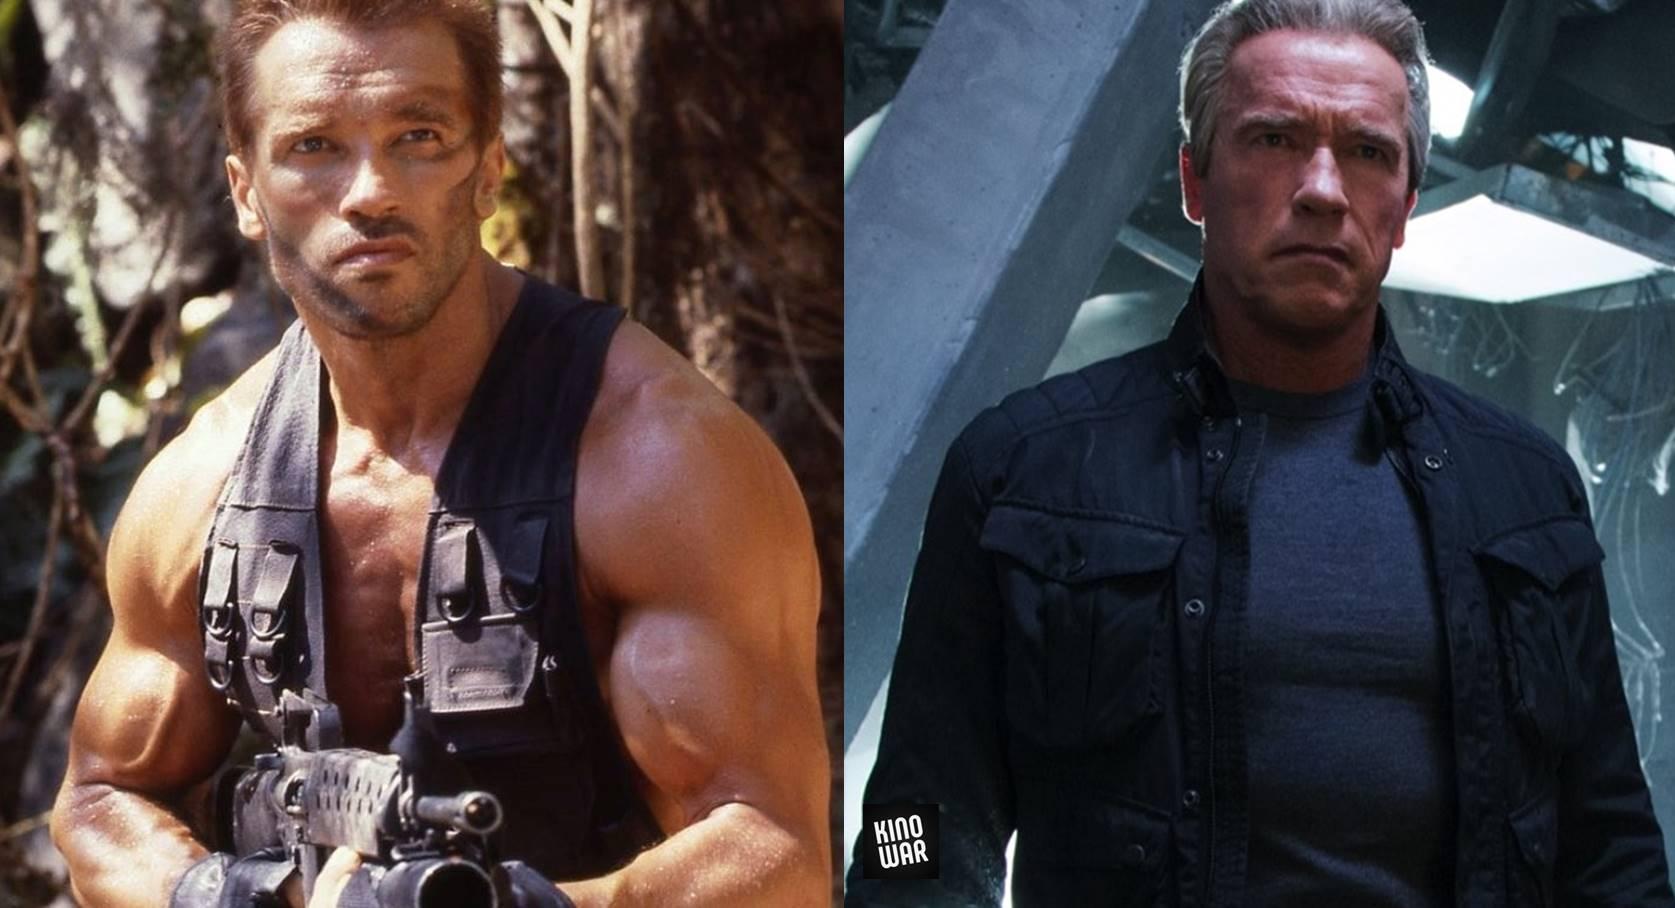 Герои боевиков 80-х 90-х тогда и сейчас Арнольд Шварценеггер